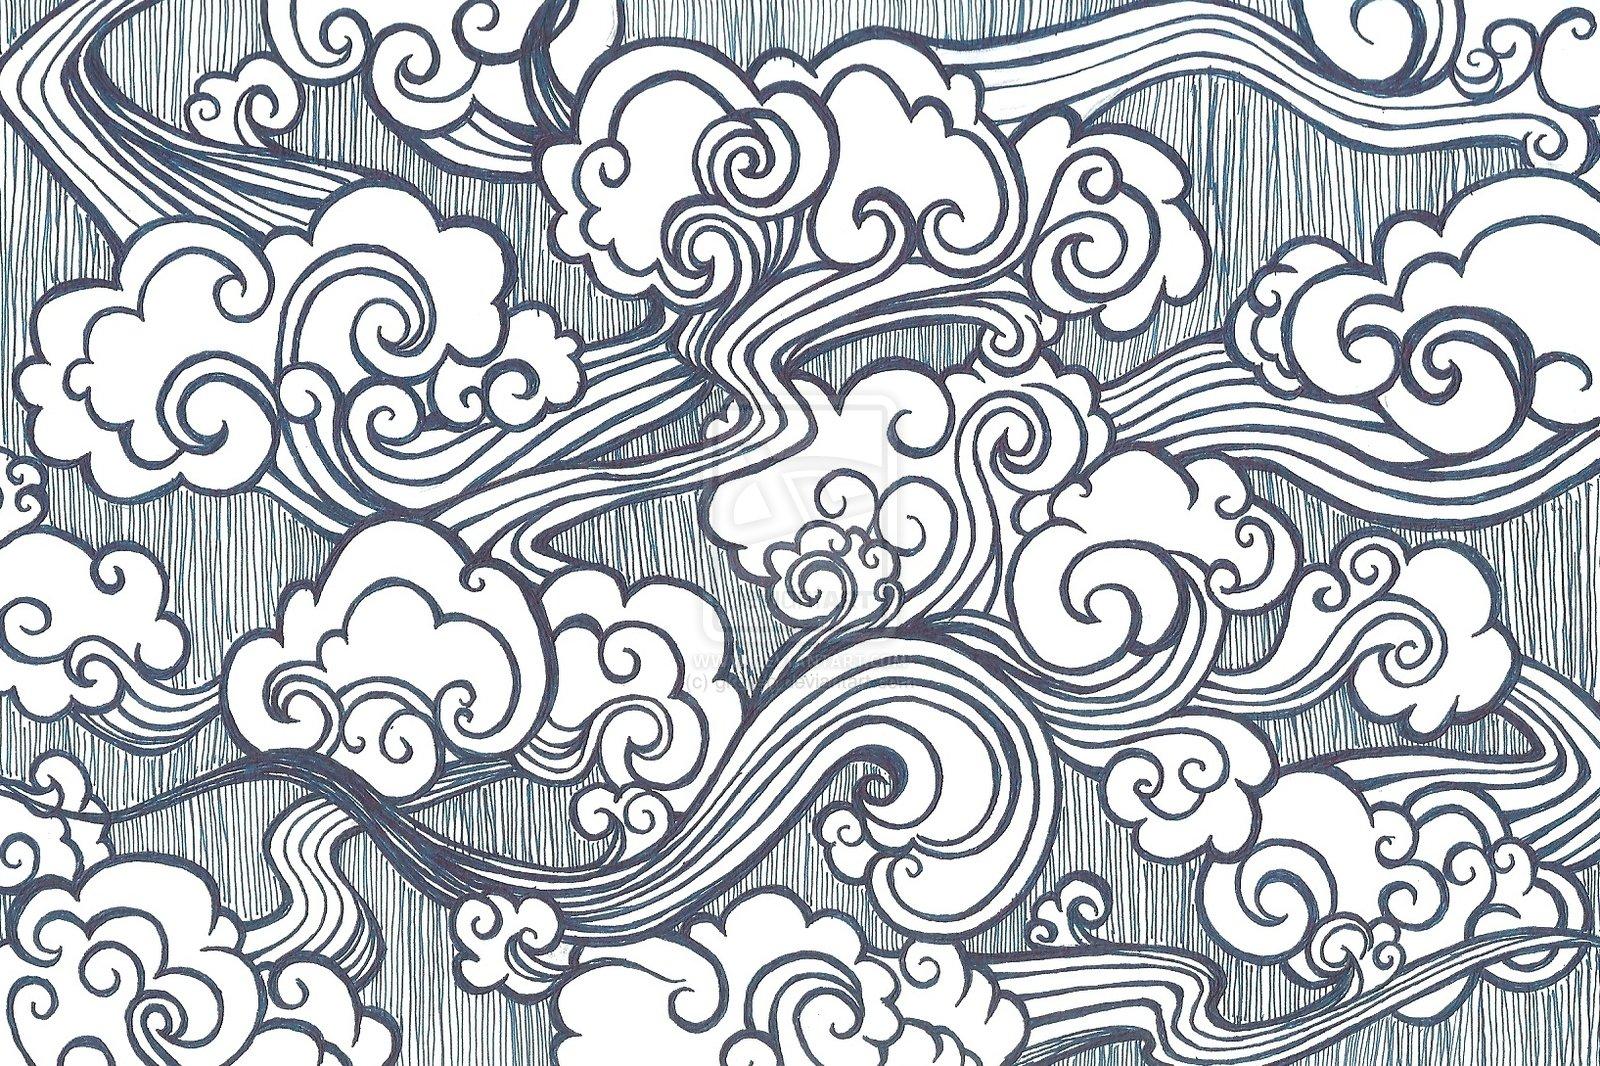 1600x1066 Oriental Cloud Drawing Oriental Clouds By Gkelleh